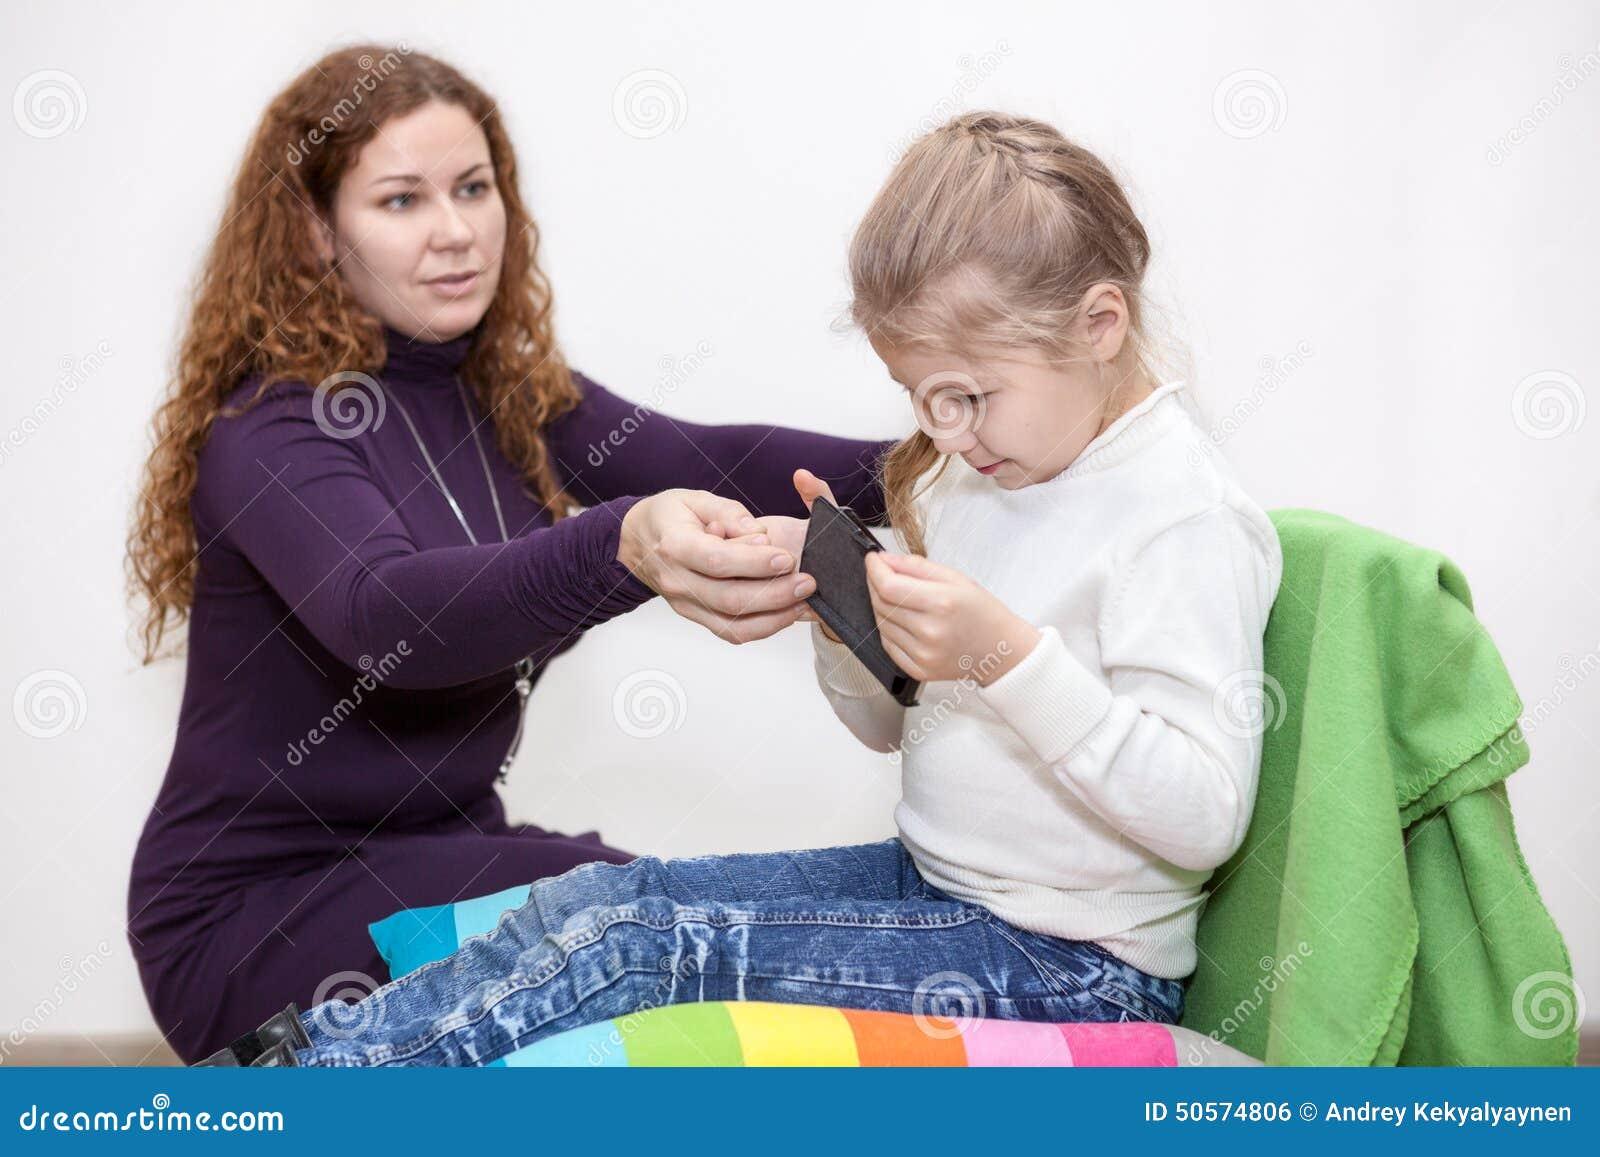 запрещенное фото девушек